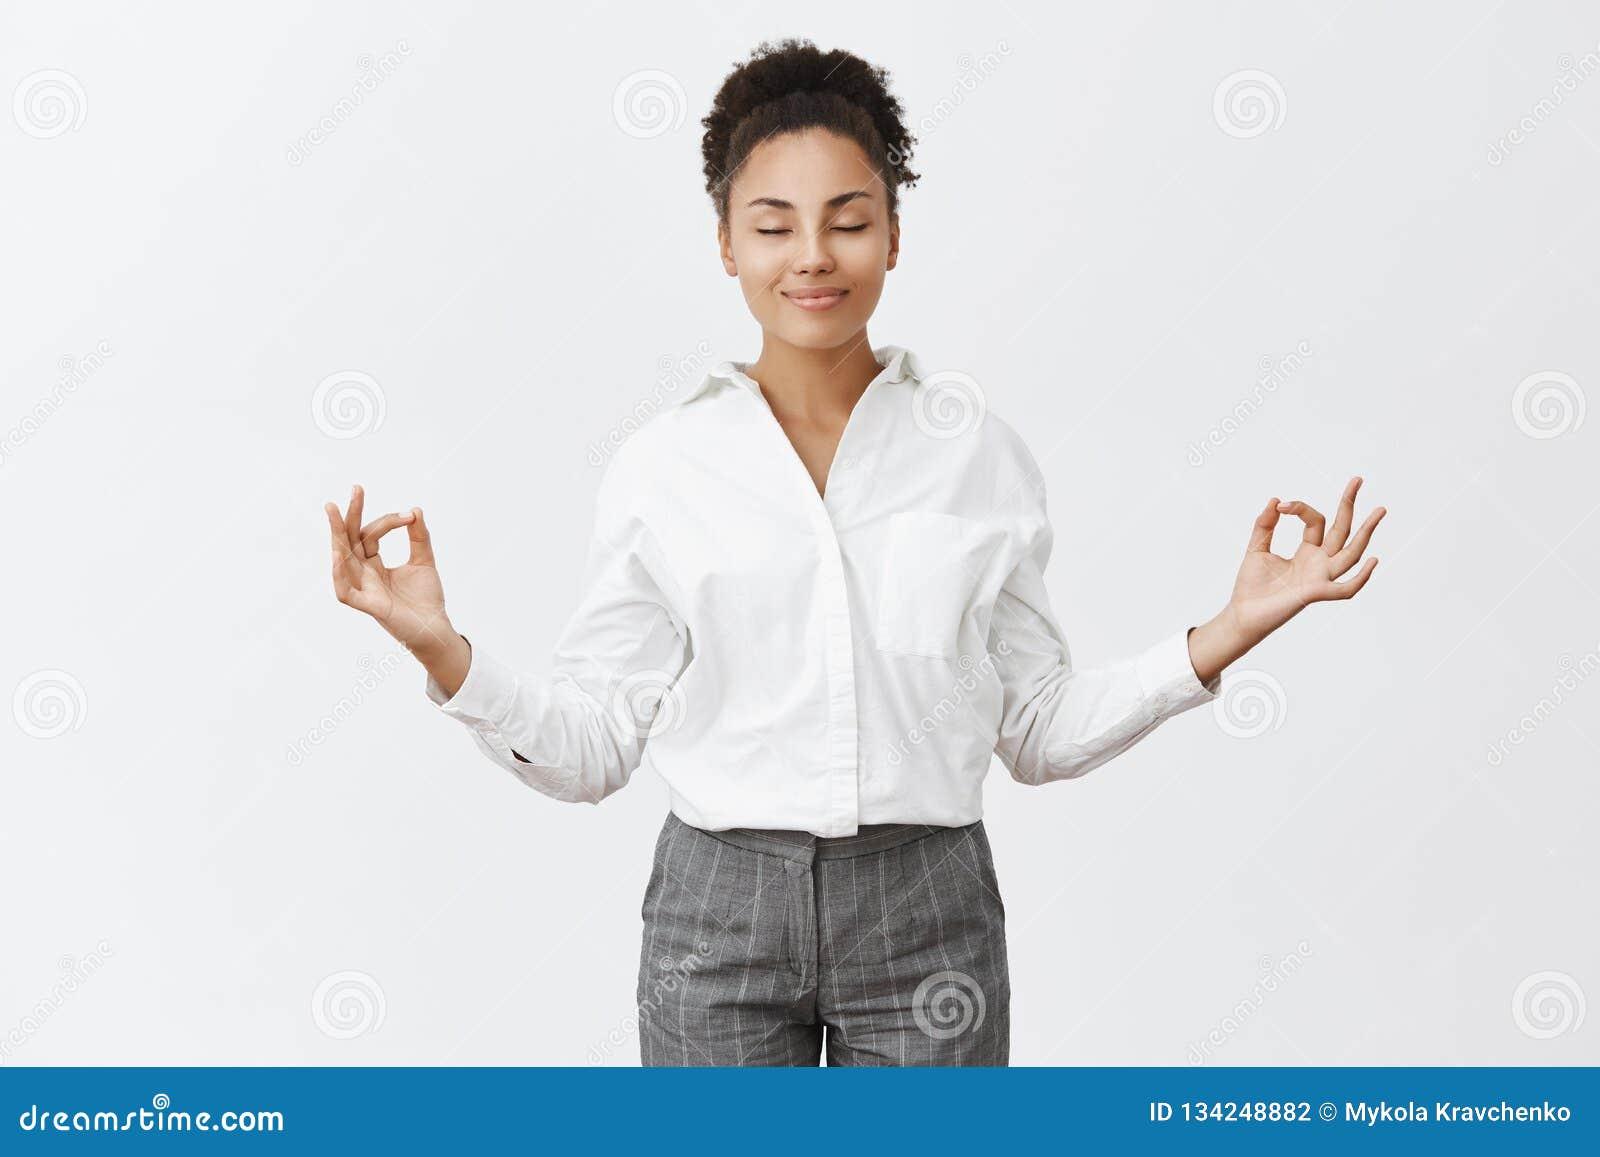 注重自由,仅和平里面 迷住独裁的成套装备的轻松和无忧无虑的女性,举在禅宗姿态的手